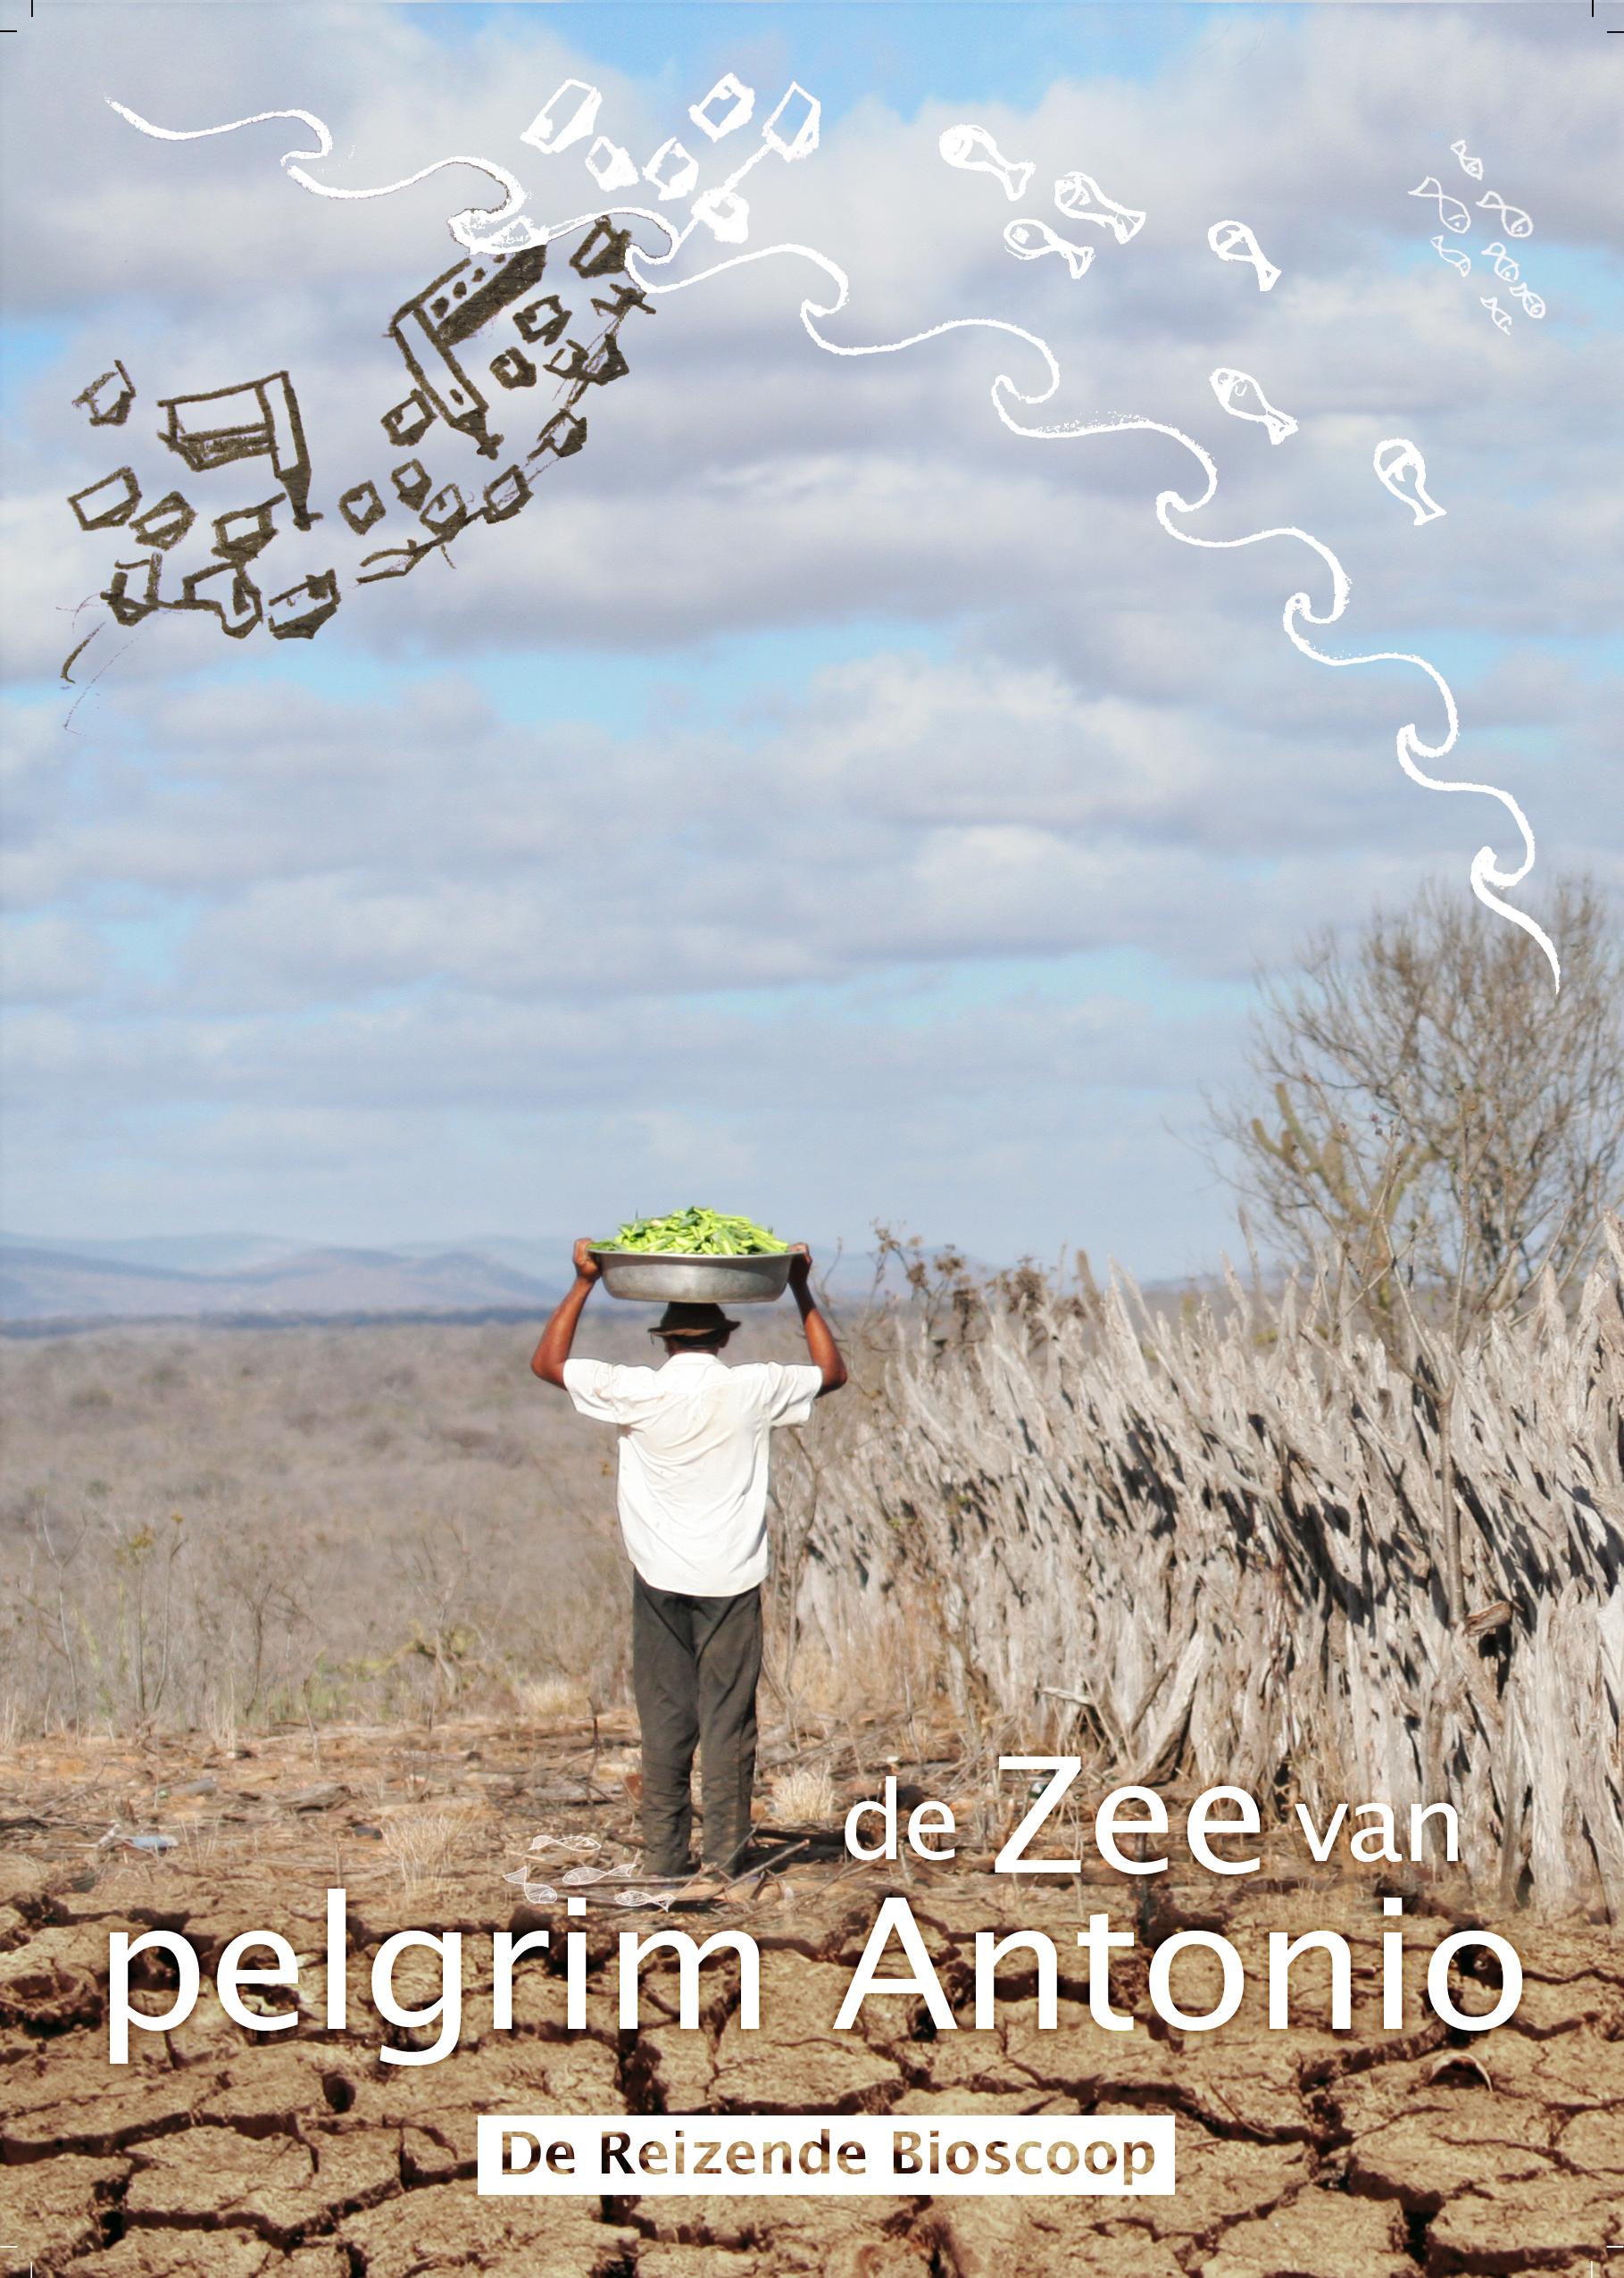 De Zee van pelgrim Antonio - poster met tekst